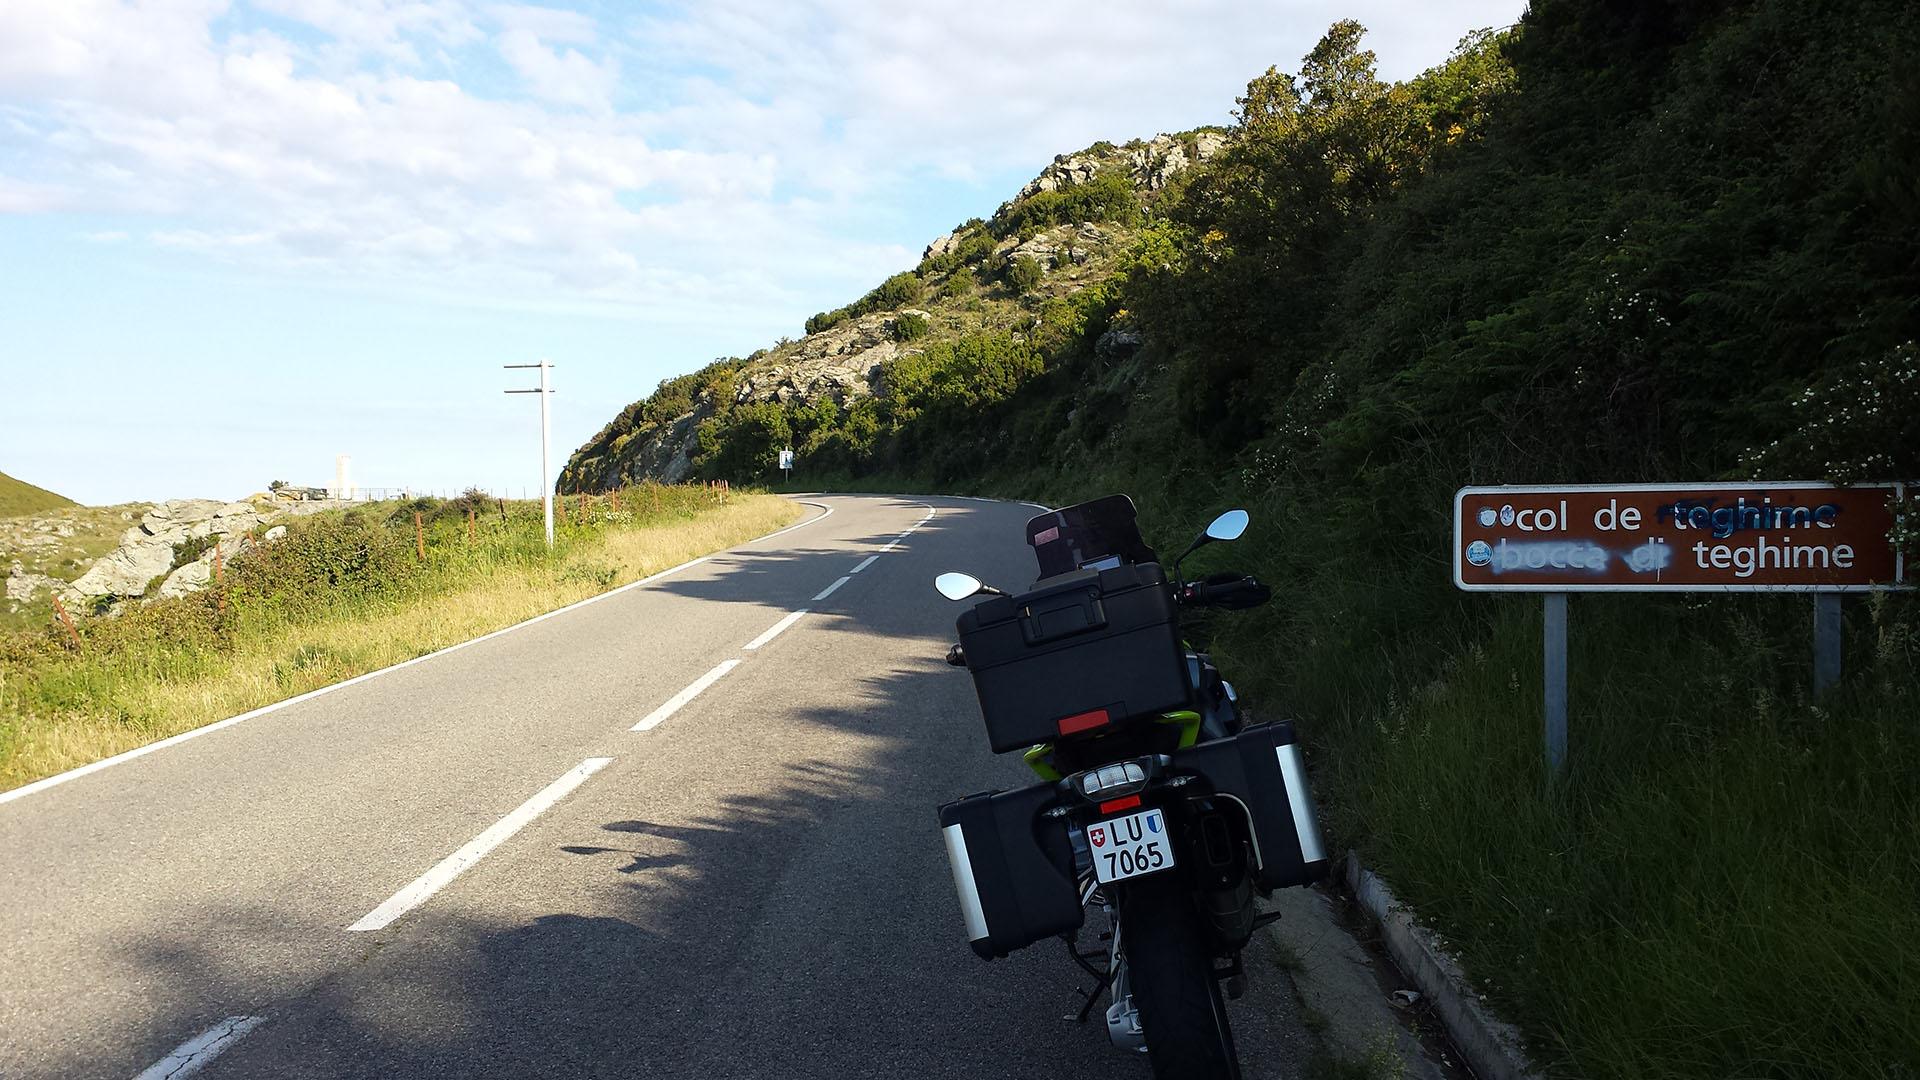 0536 - F (Corse) - Col de Teghime (Bocca di Teghime)